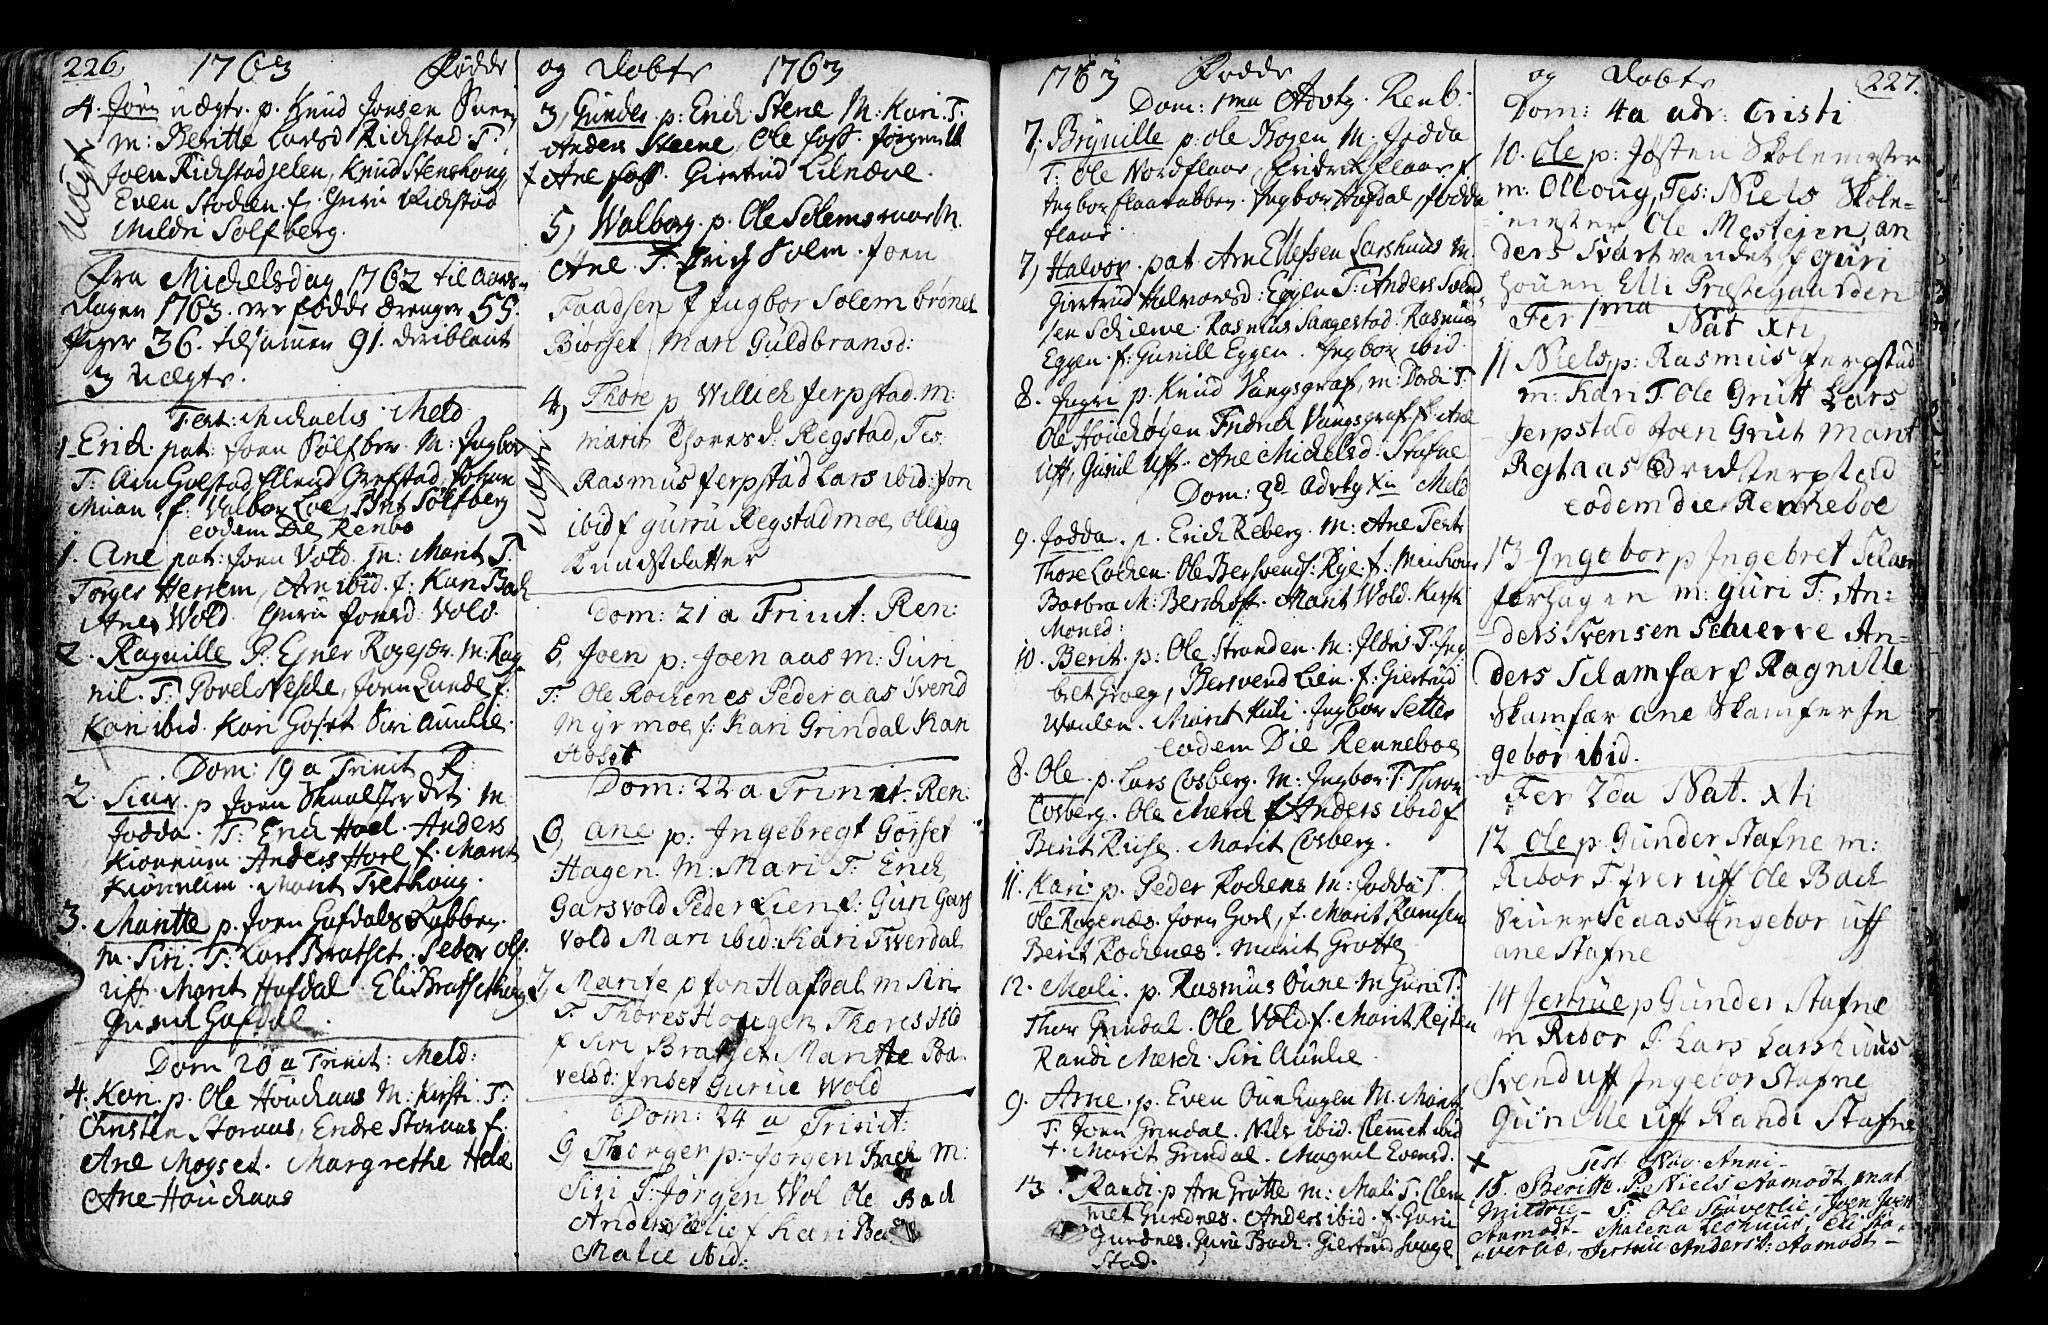 SAT, Ministerialprotokoller, klokkerbøker og fødselsregistre - Sør-Trøndelag, 672/L0851: Ministerialbok nr. 672A04, 1751-1775, s. 226-227